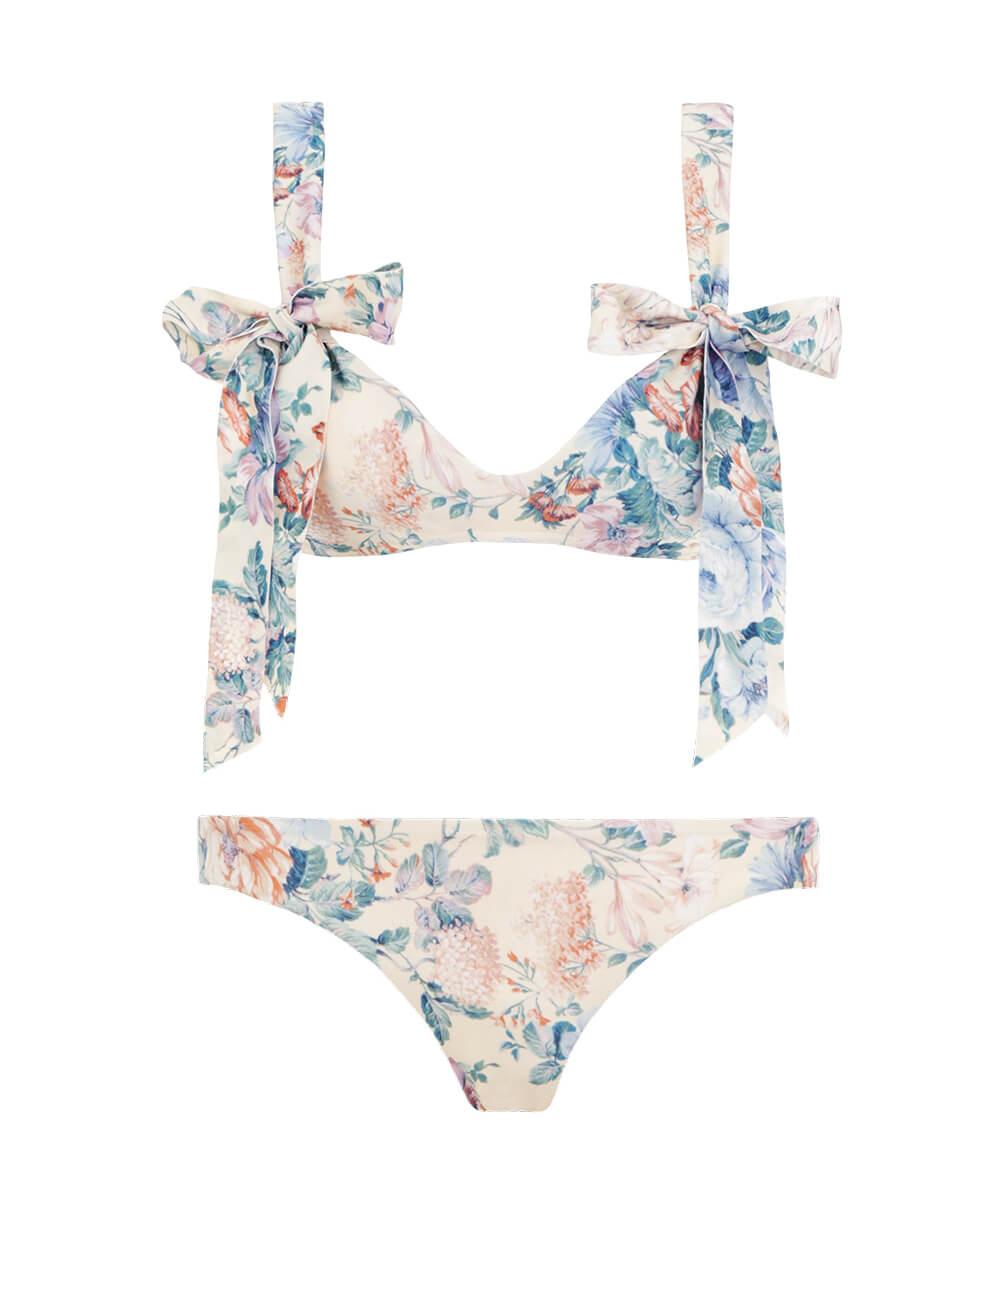 27bd167d111 Shop Women's Swimwear Online | ZIMMERMANN